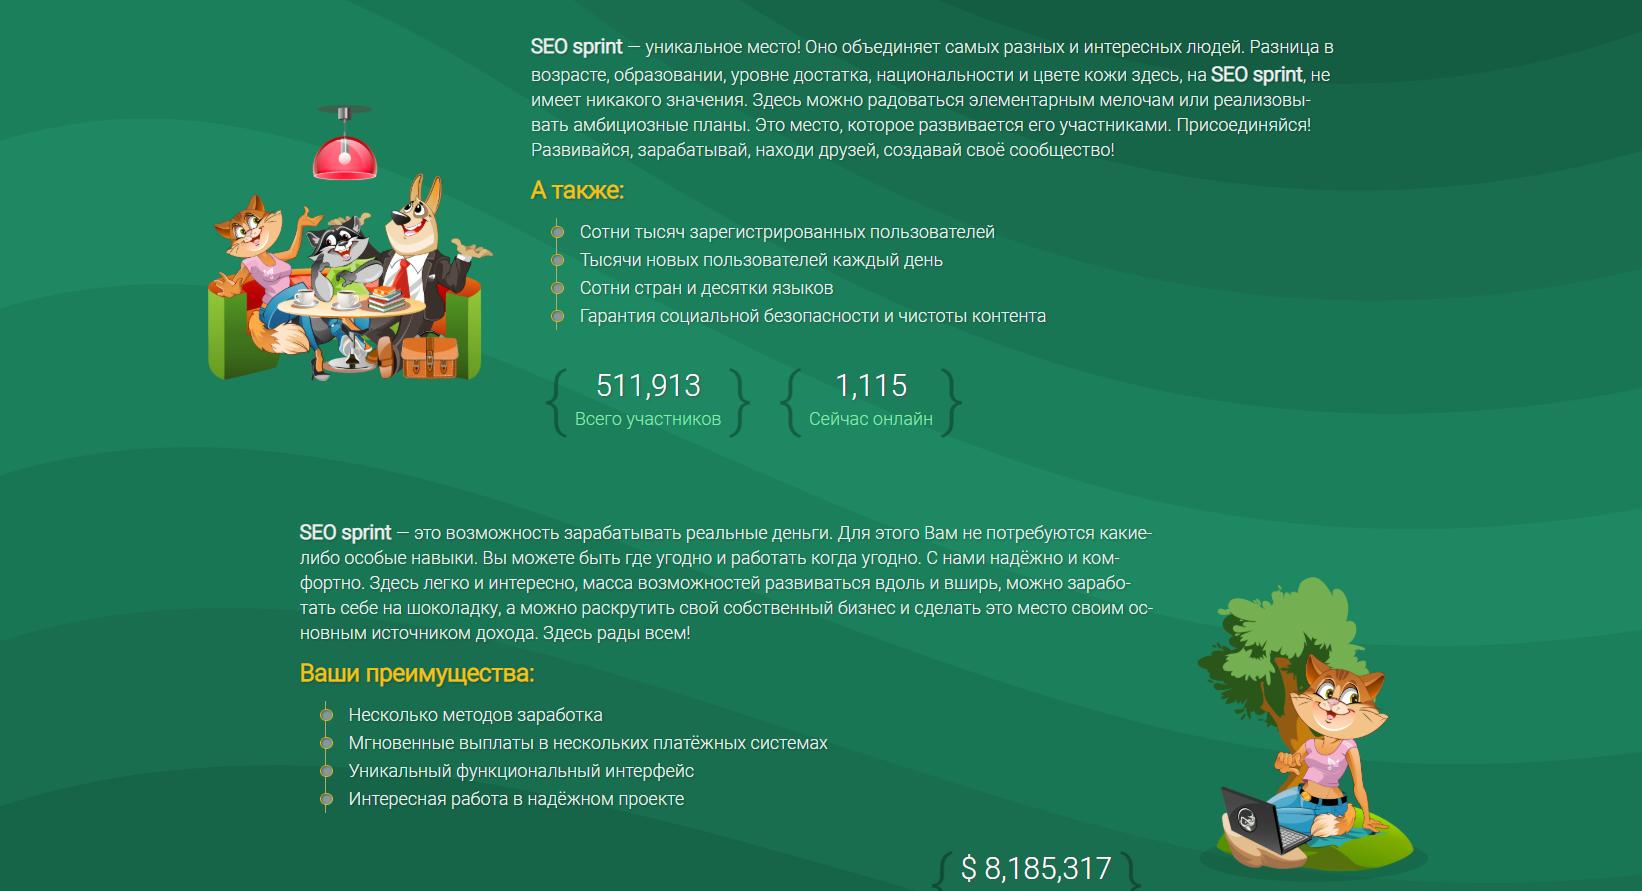 Seosprint: регистрация на официальном сайте для заработка